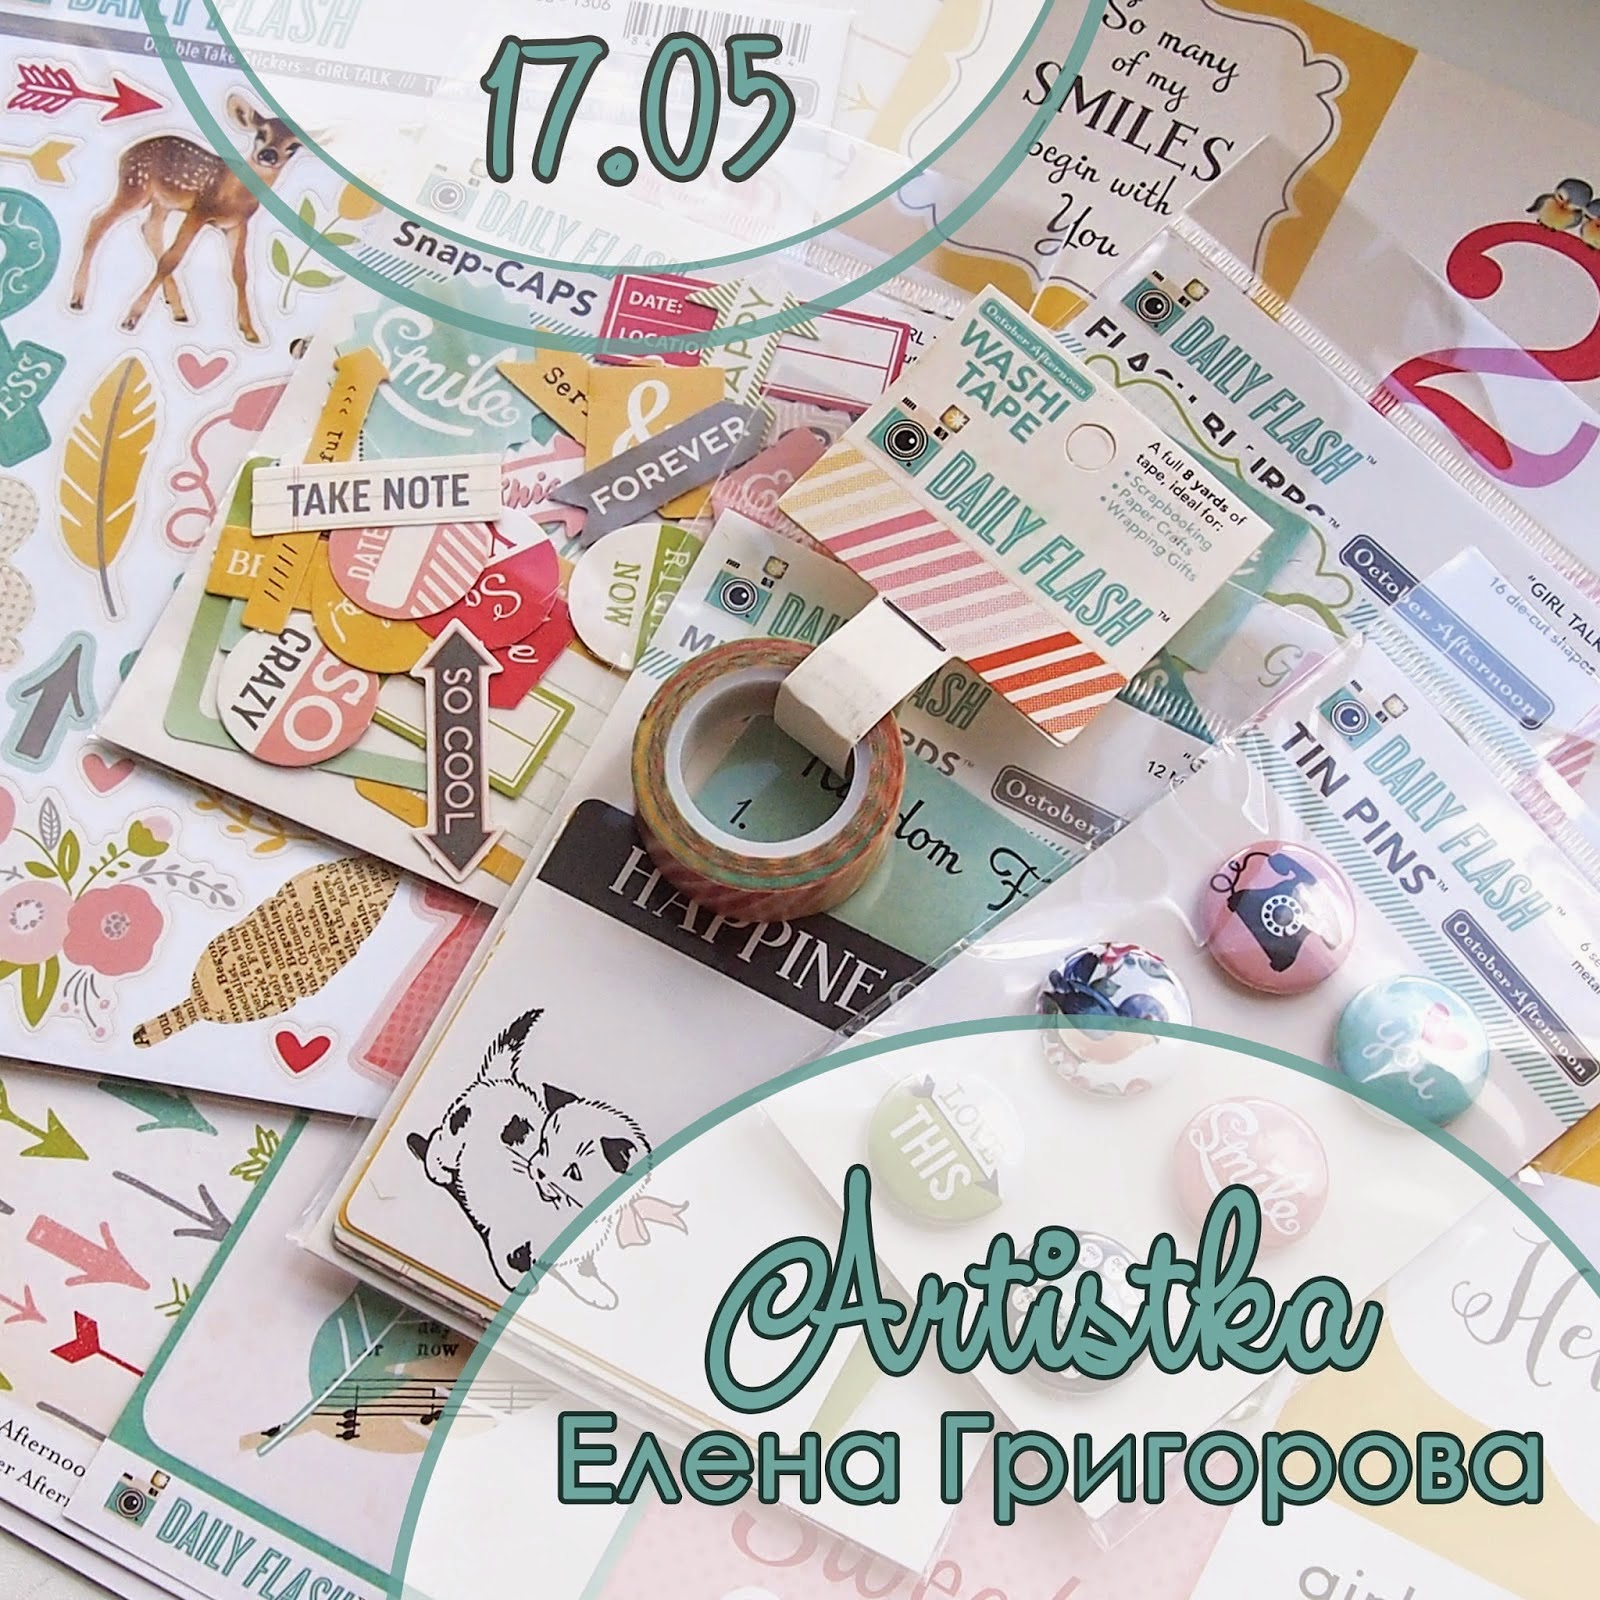 Конфетка от Елены Григоровой